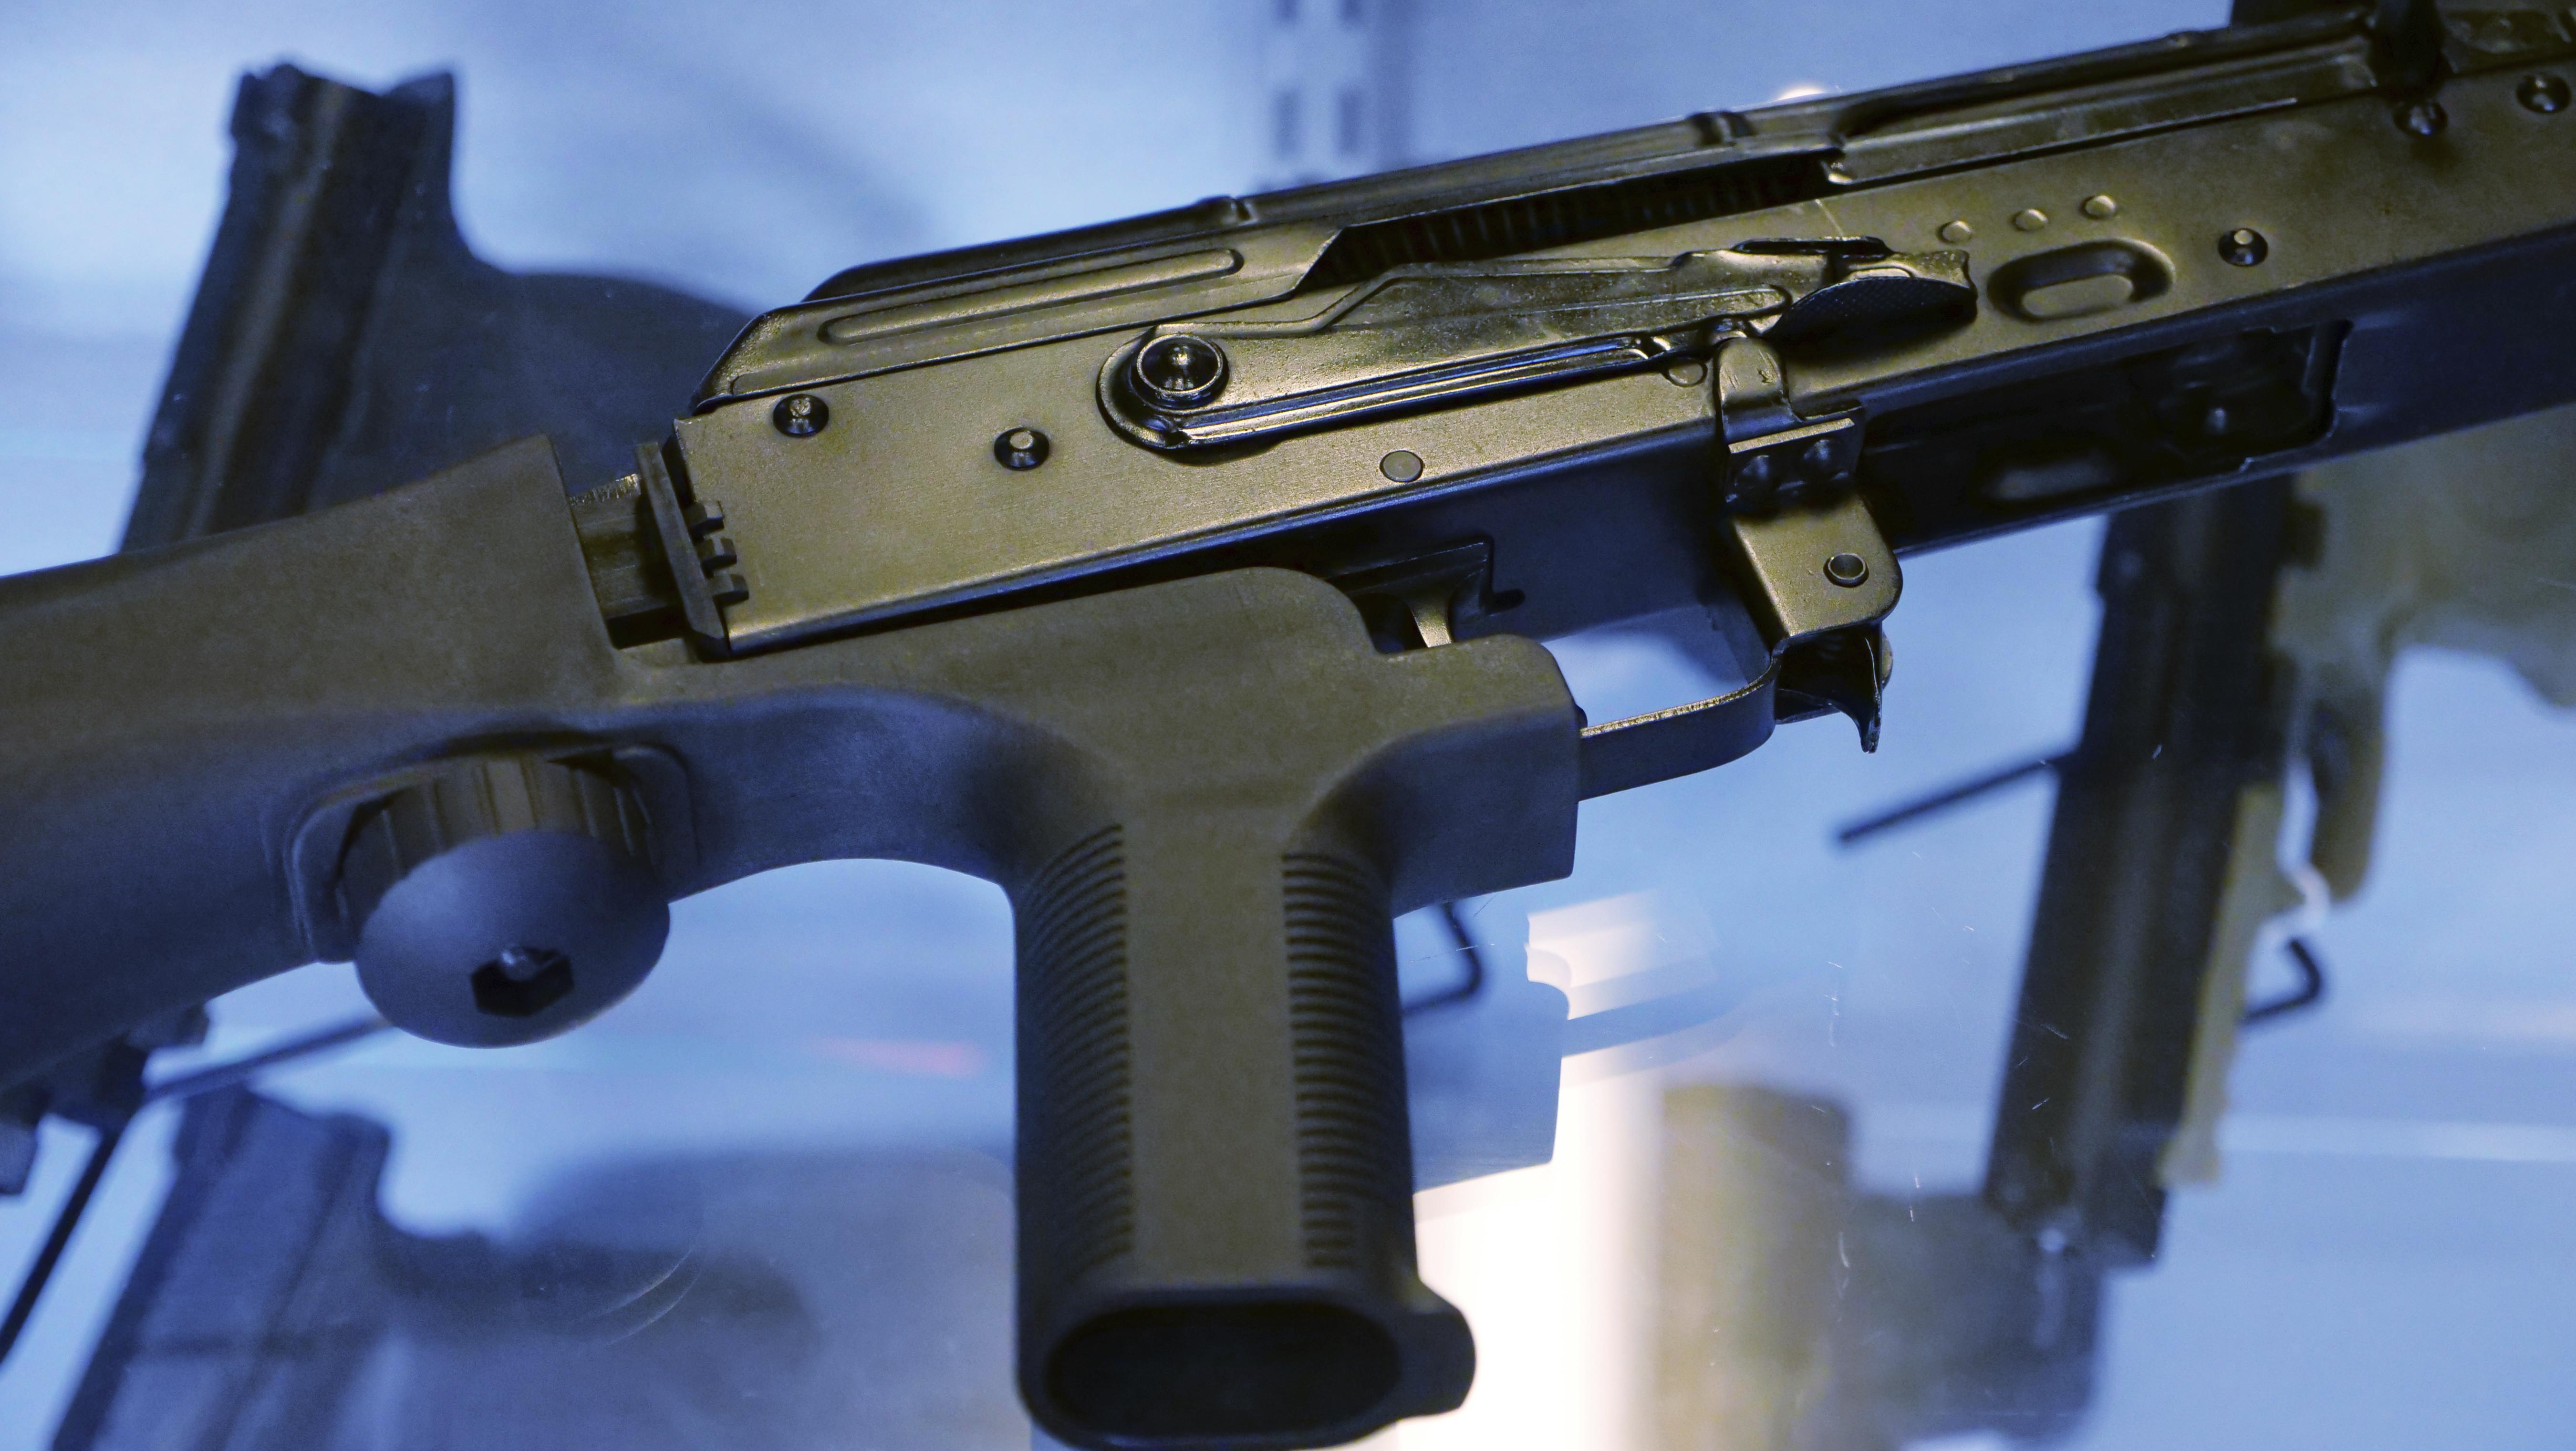 賭城槍手在步槍上加裝能加速射擊的「撞火槍托」(bump stocks)裝置,讓半自動手槍升級成能連續射擊的全自動武器。(圖/達志影像/美聯社)